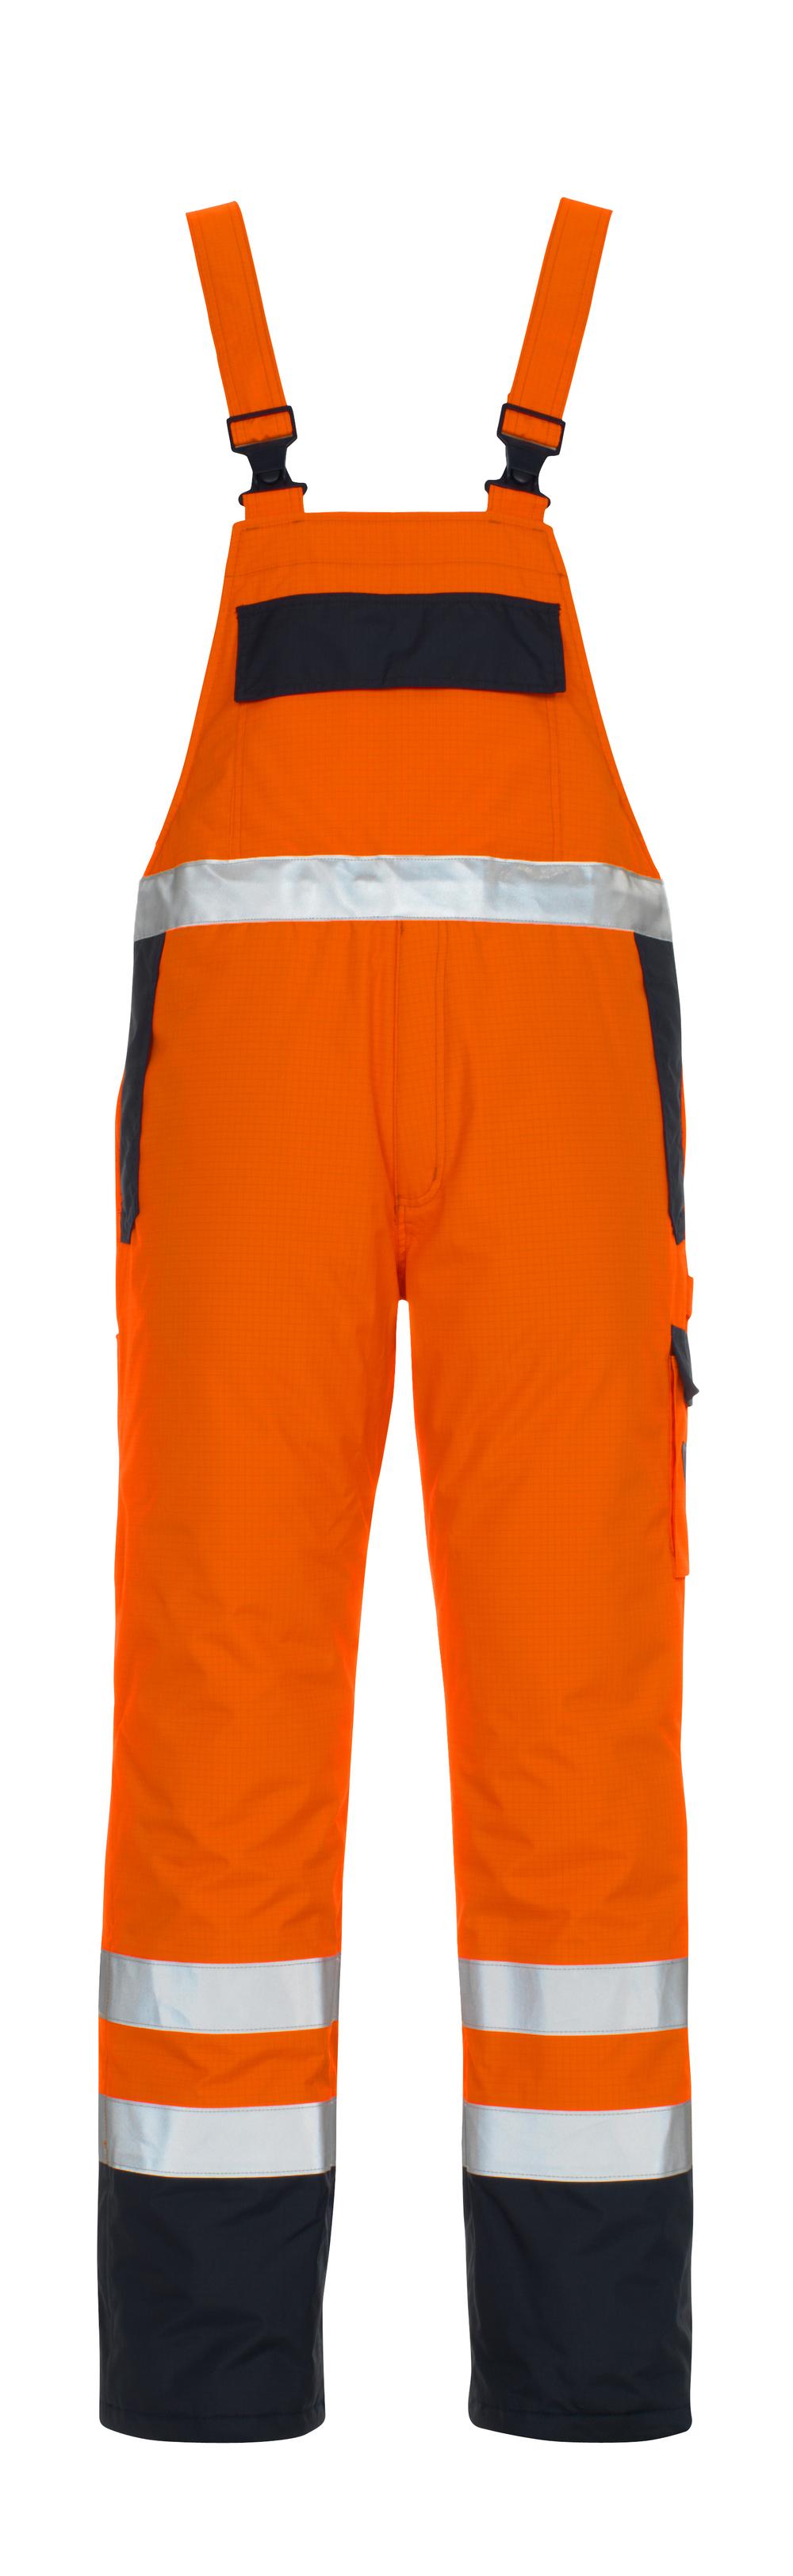 05192-064-141 Latzhose - hi-vis Orange/Marine